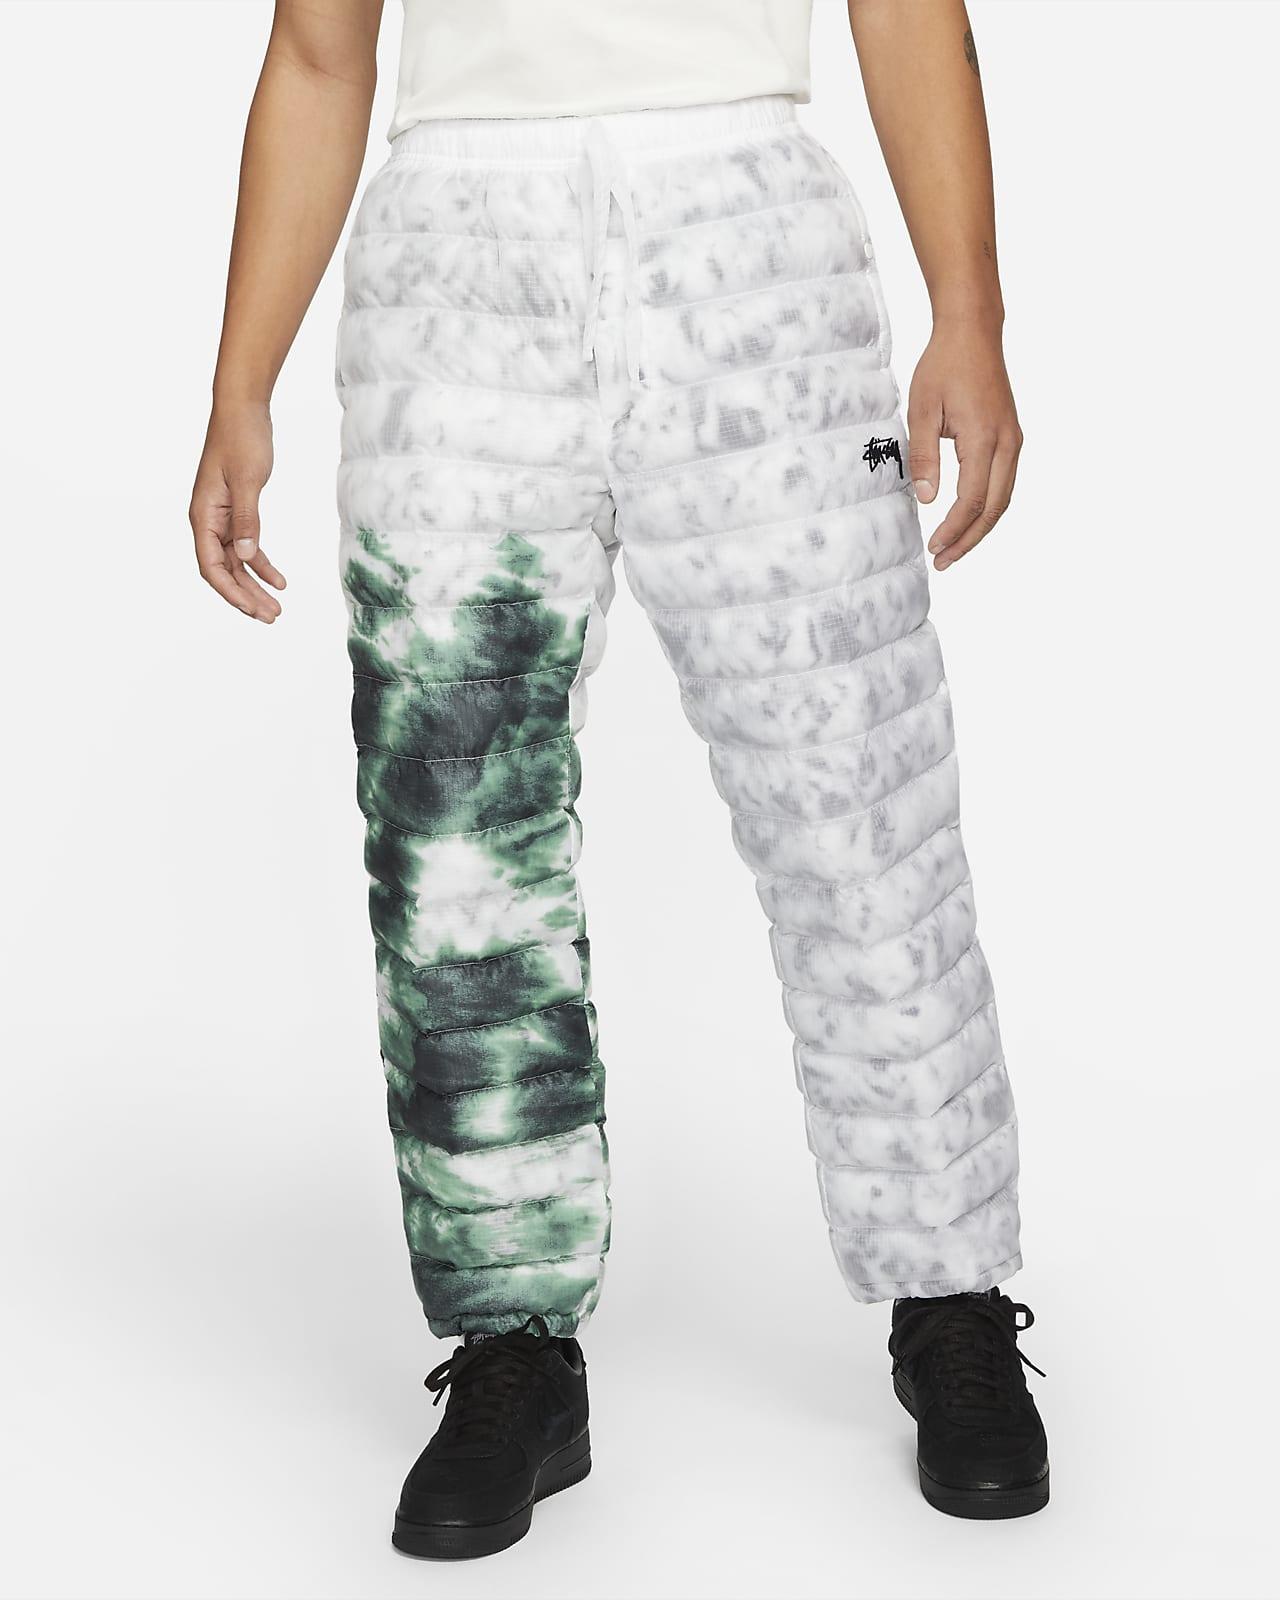 กางเกงขายาวกักเก็บอุณหภูมิ Nike x Stüssy